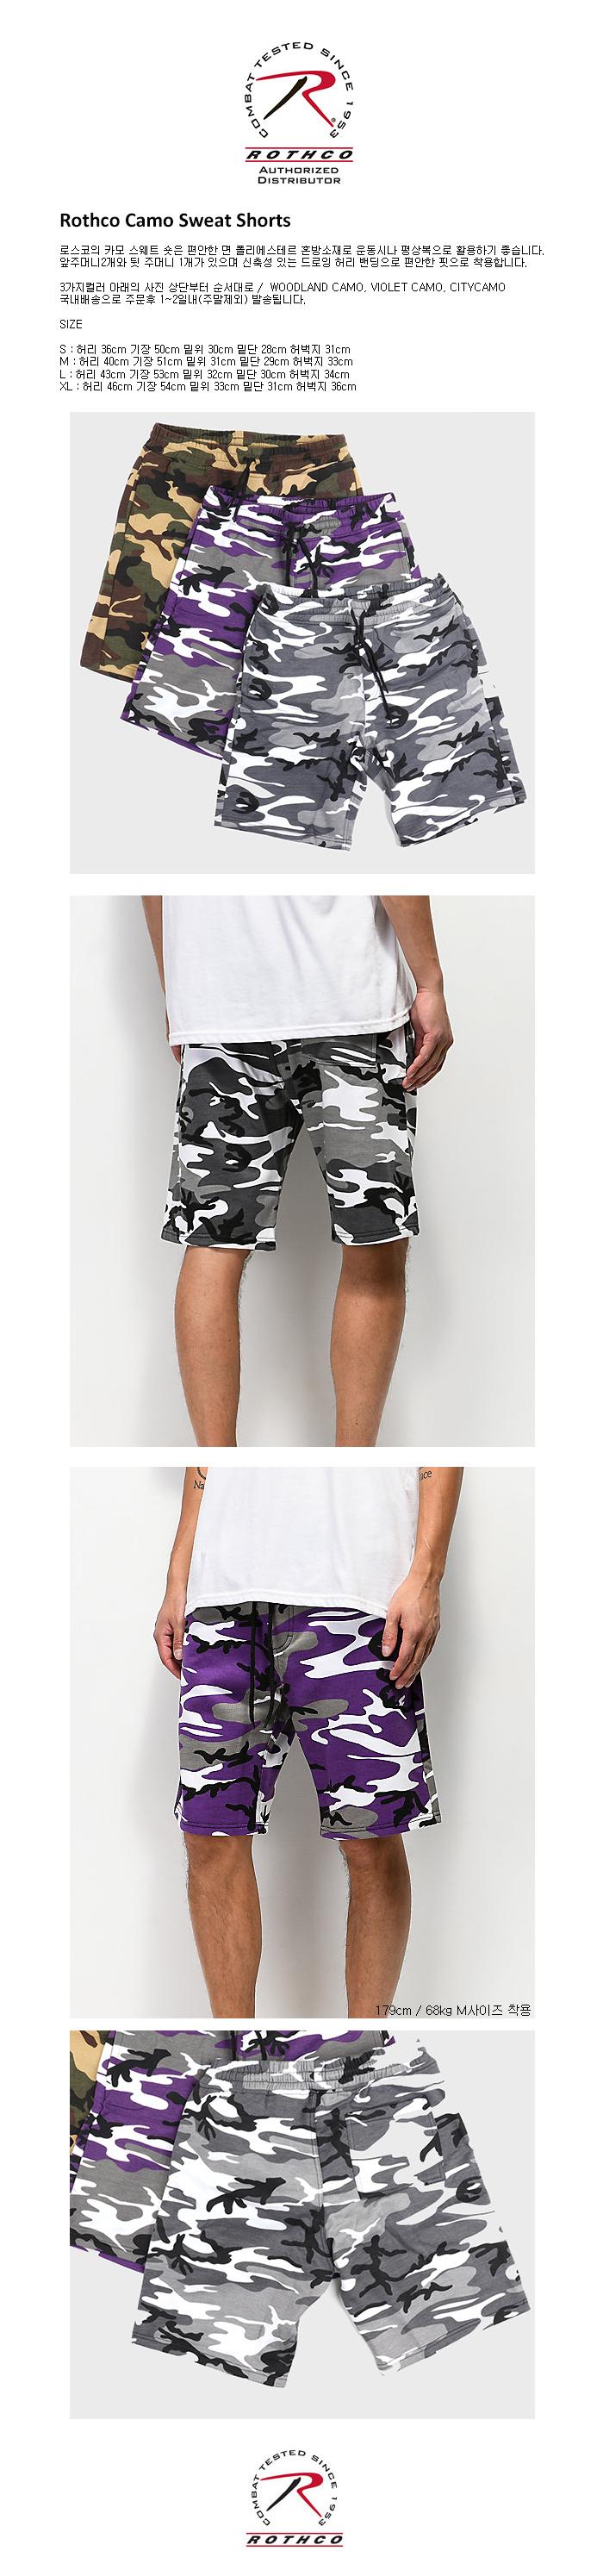 로스코(ROTHCO) [국내배송] Camo Sweat Shorts 3컬러